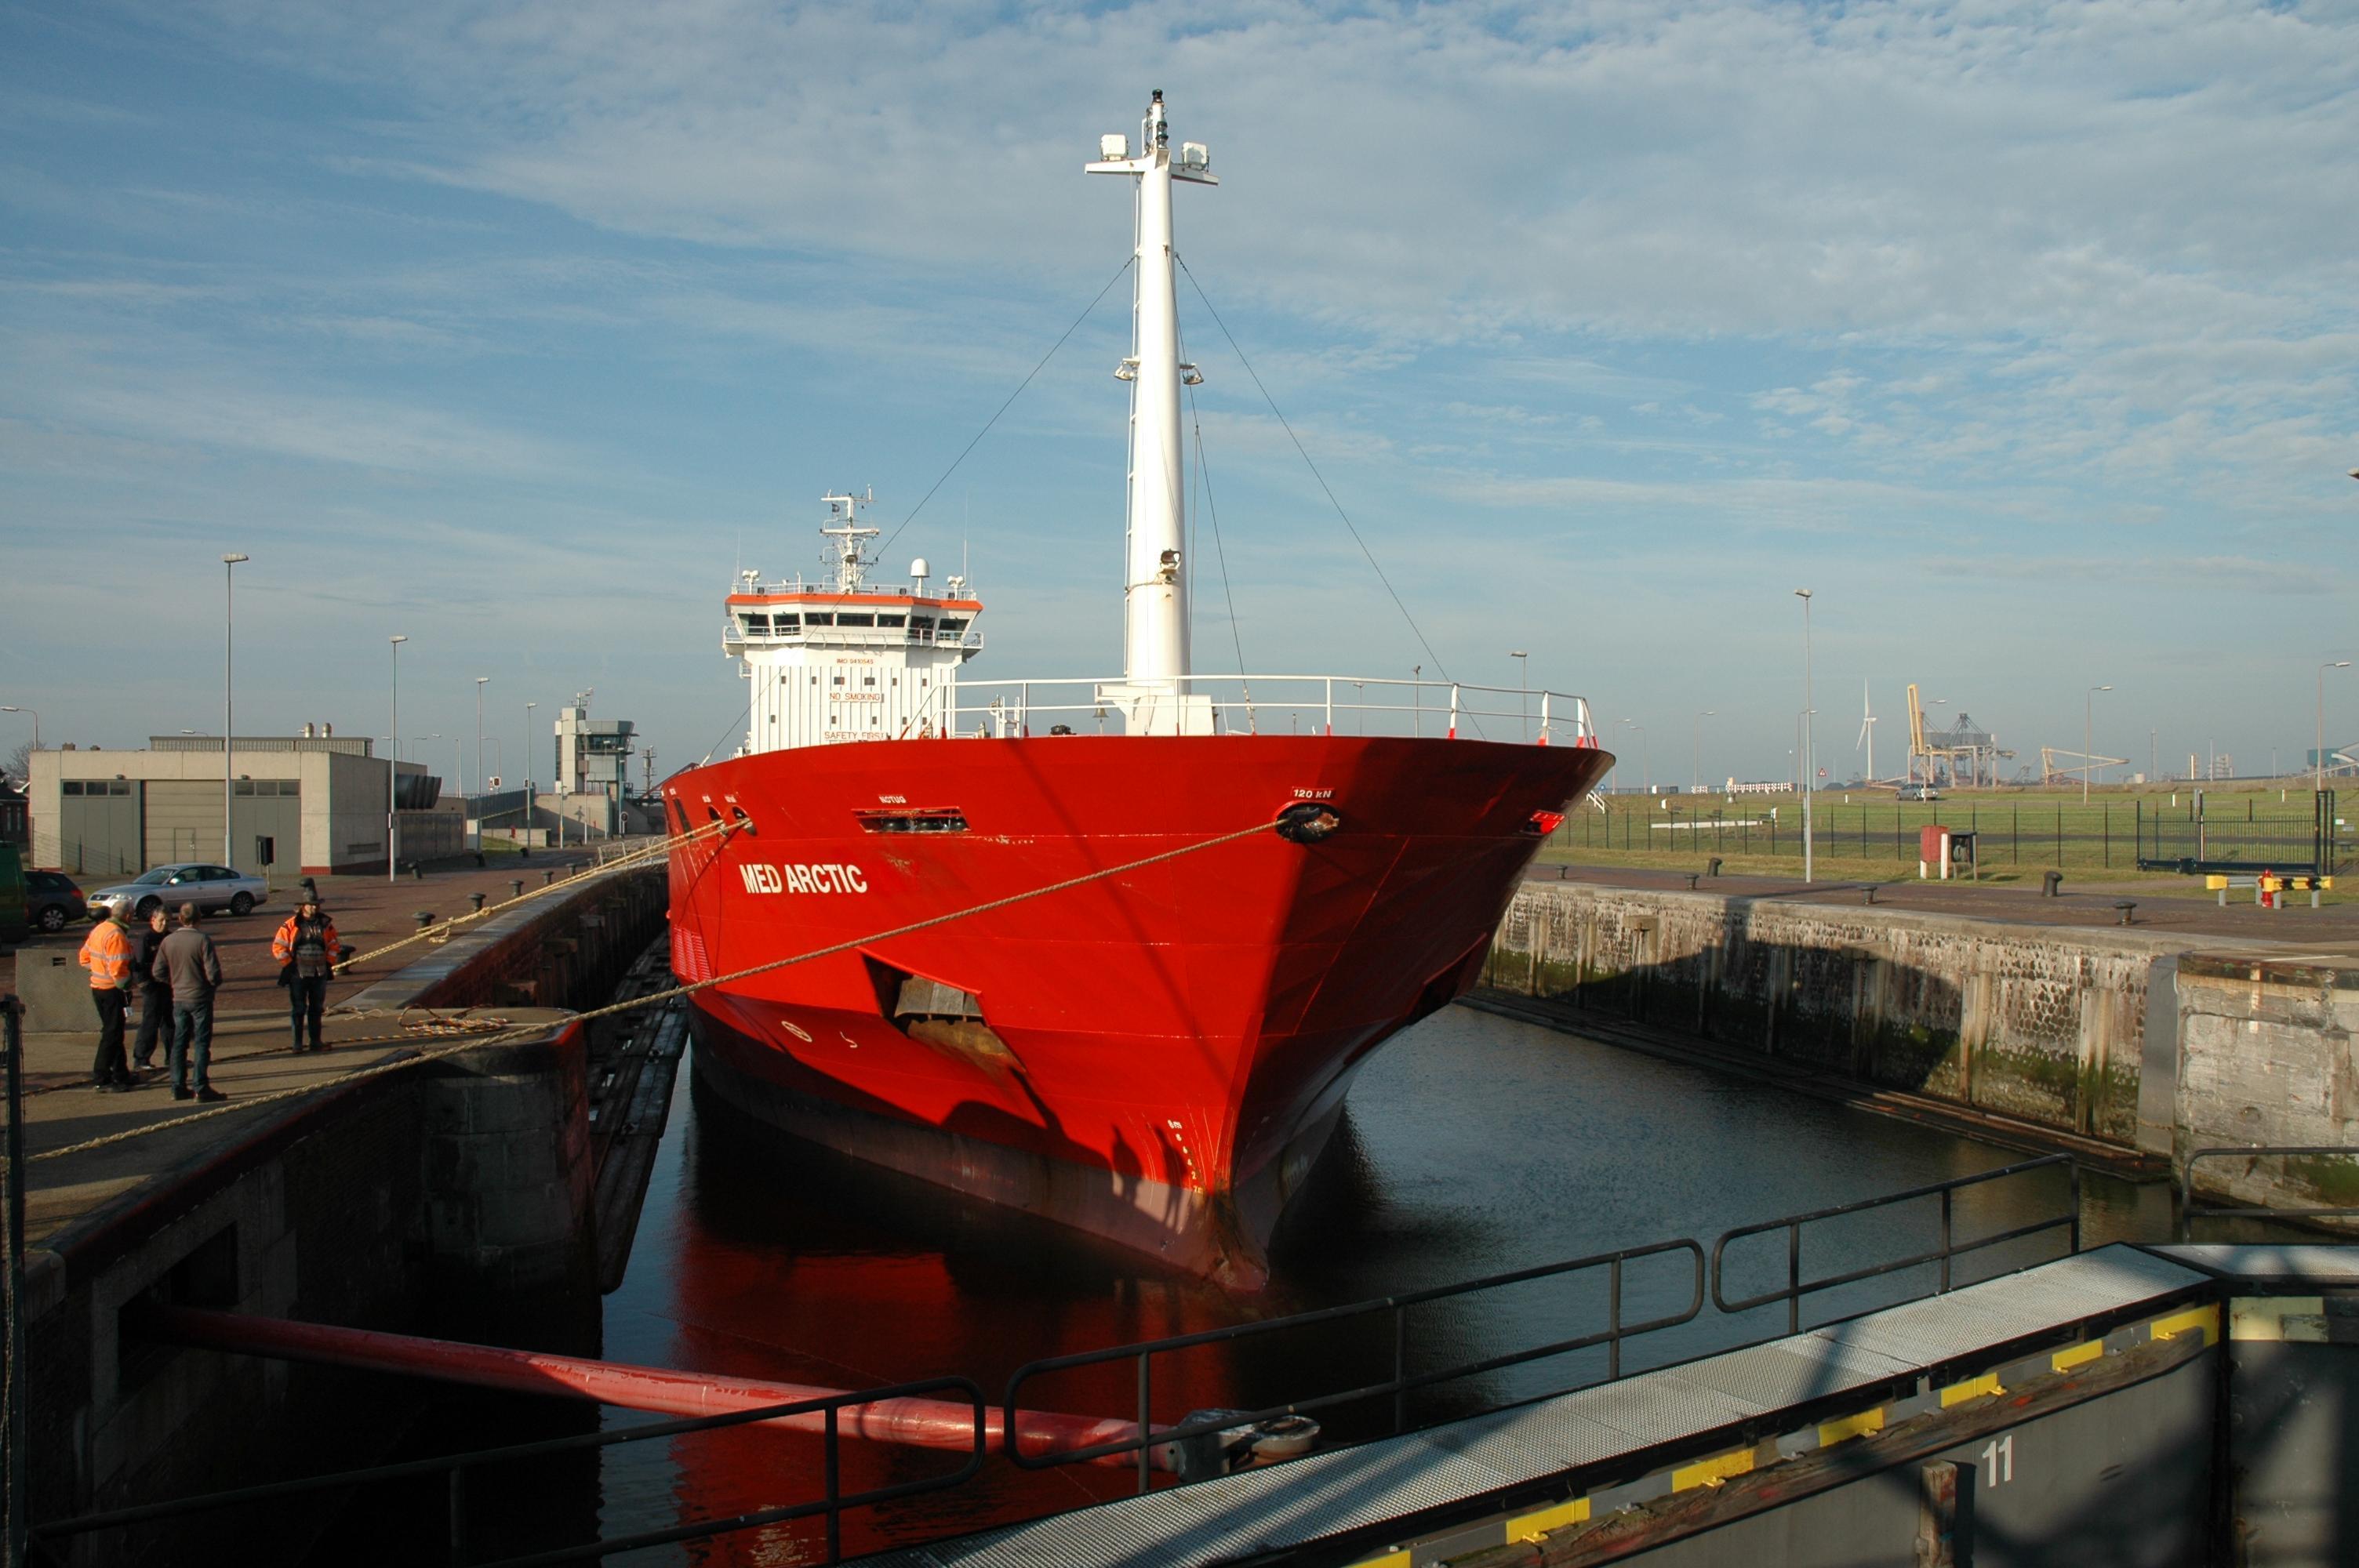 Dodelijk ongeval in Noordersluis IJmuiden is gevolg van aantal factoren. Onderzoeksraad voor Veiligheid: scherp de procedures aan en creëer veilige plekken aan boord van schepen